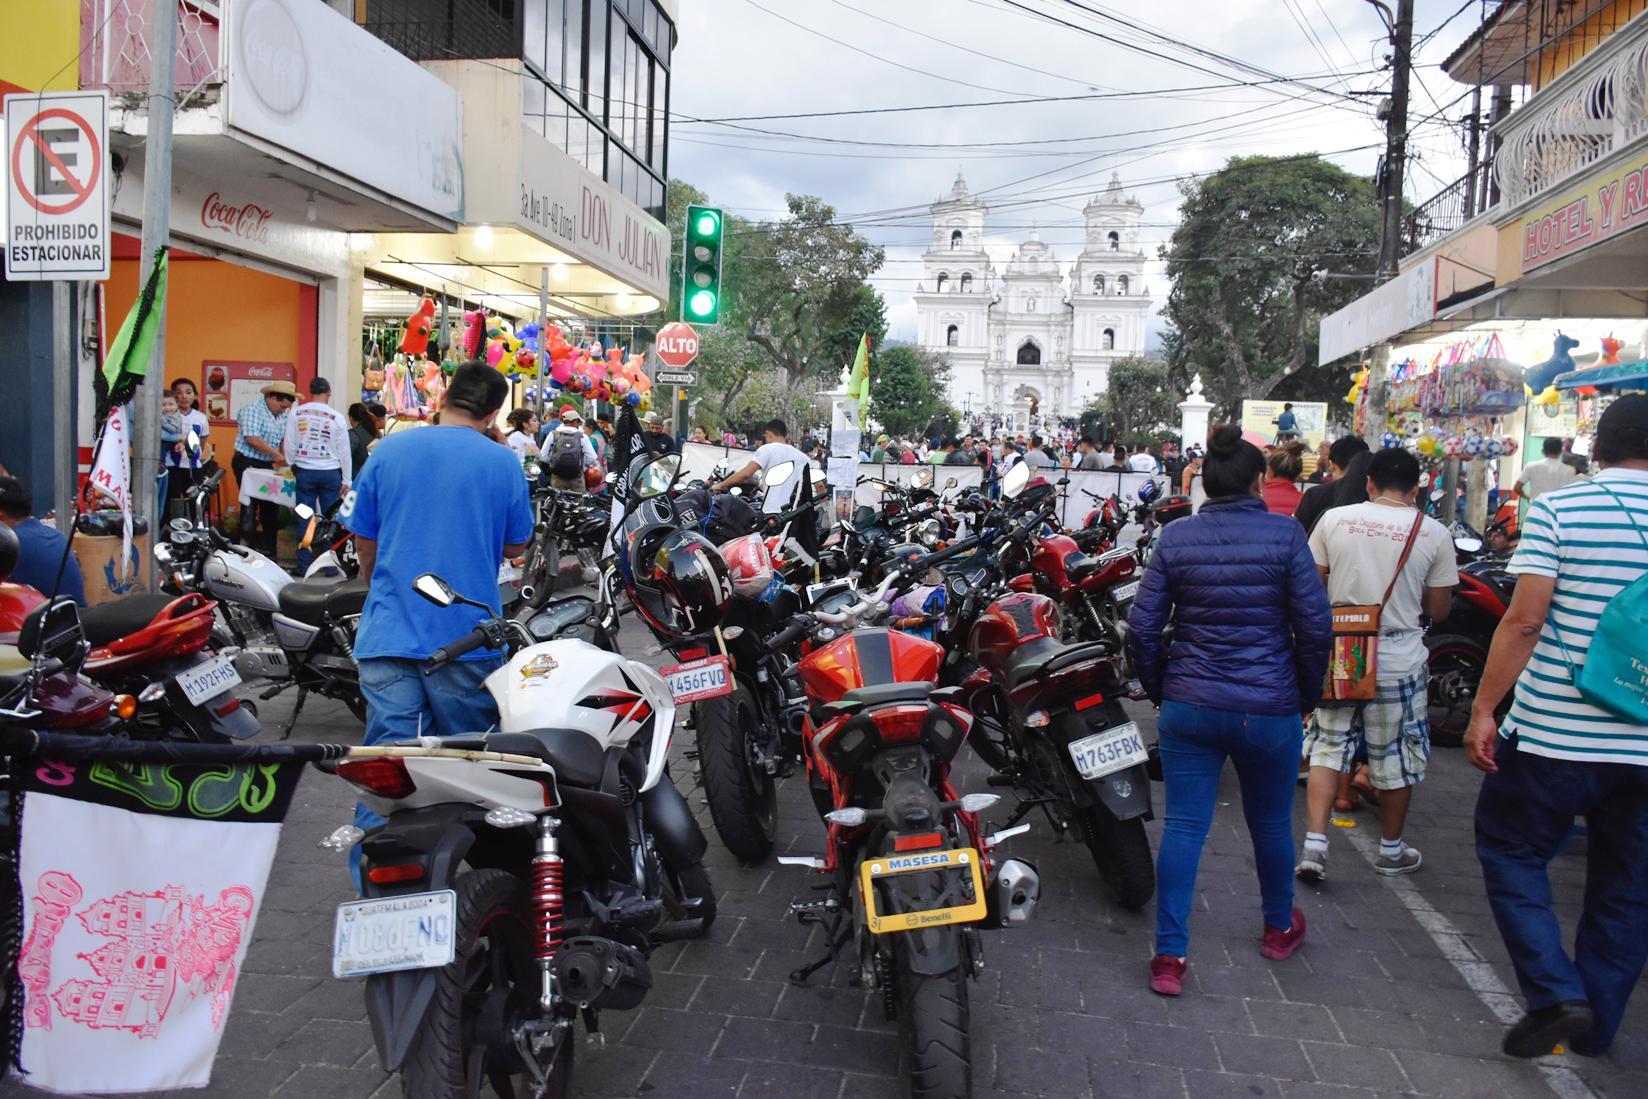 Motoristas que participaron en la Caravana del Zorro dejan sus vehículos para acudir a la Basílica. (Foto Prensa Libre: Mario Morales)